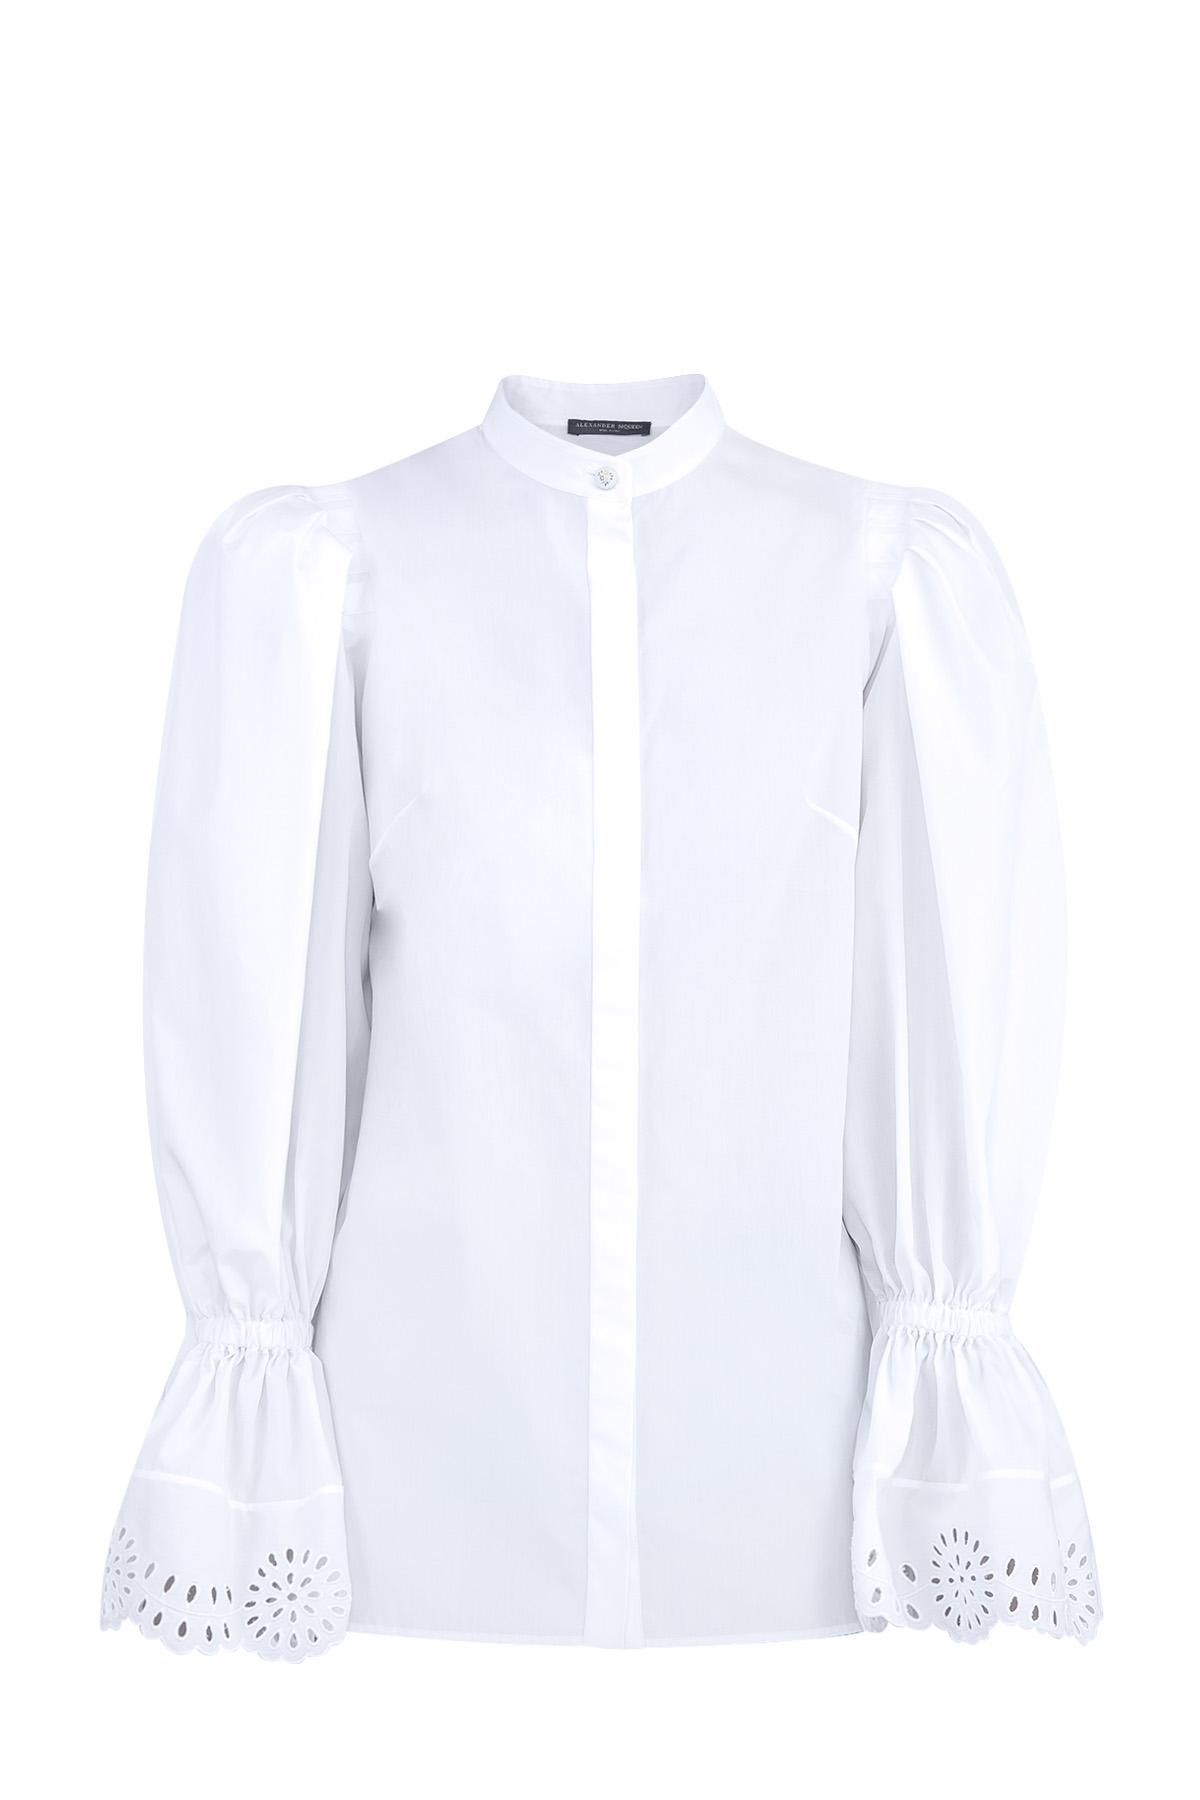 Купить Рубашка, ALEXANDER MCQUEEN, Италия, хлопок 100%